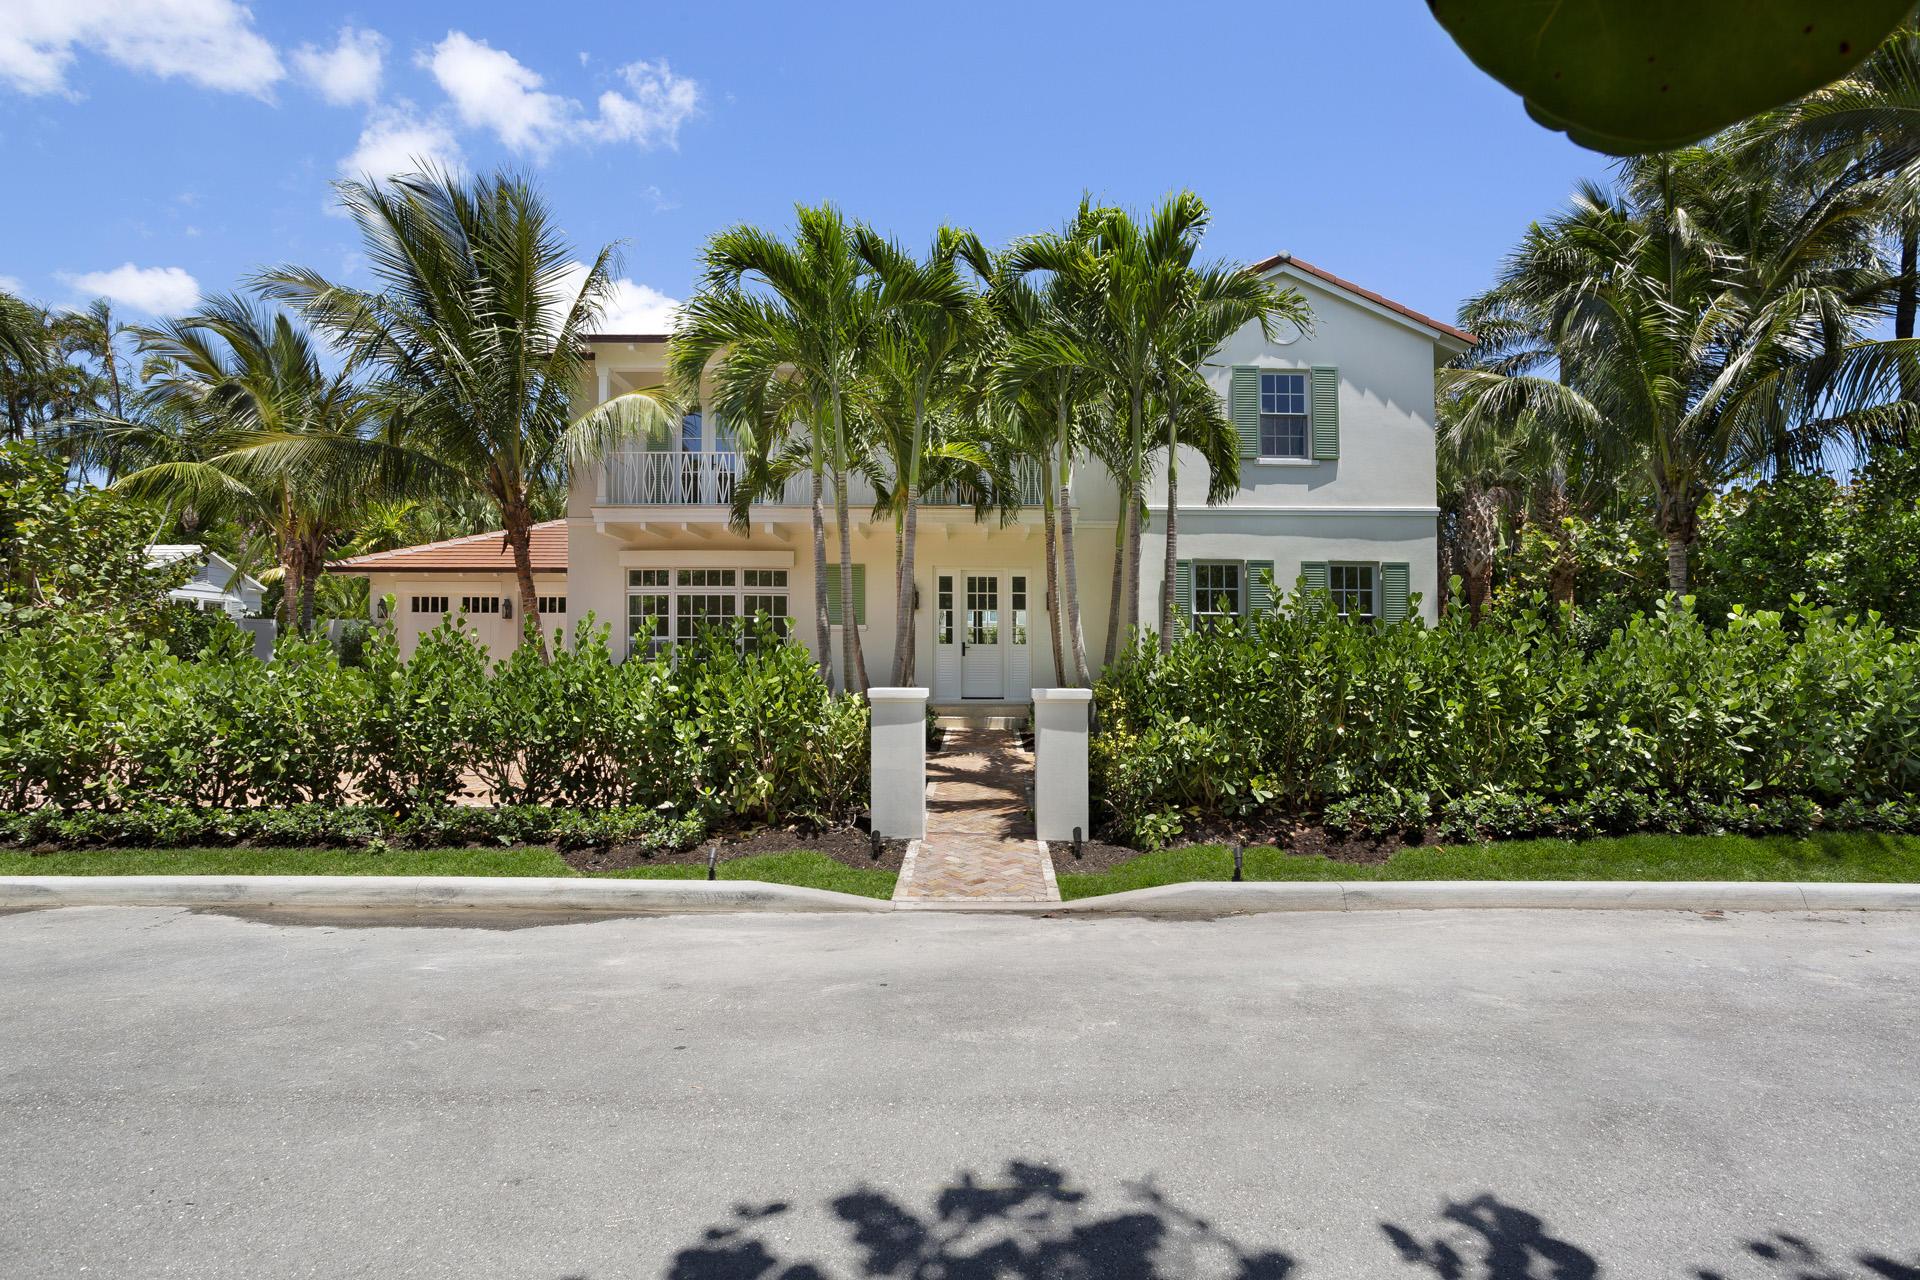 New Home for sale at 217 El Pueblo Way in Palm Beach